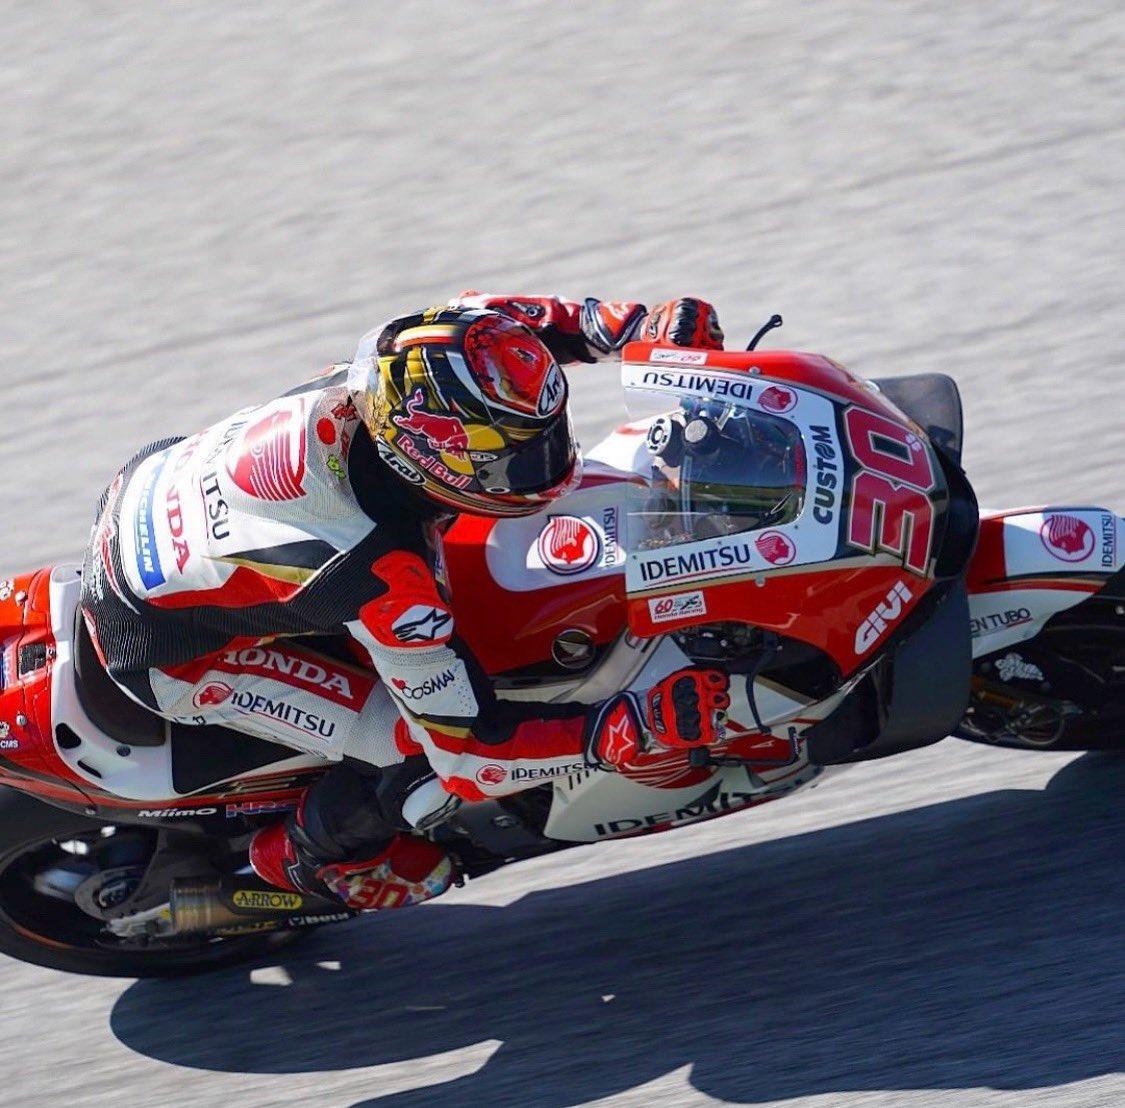 オーストリアGP初日4番手発進! Day 1 overall P4! 🇦🇹 #AustrianGP #MotoGP #LCRHondaIDEMITSU